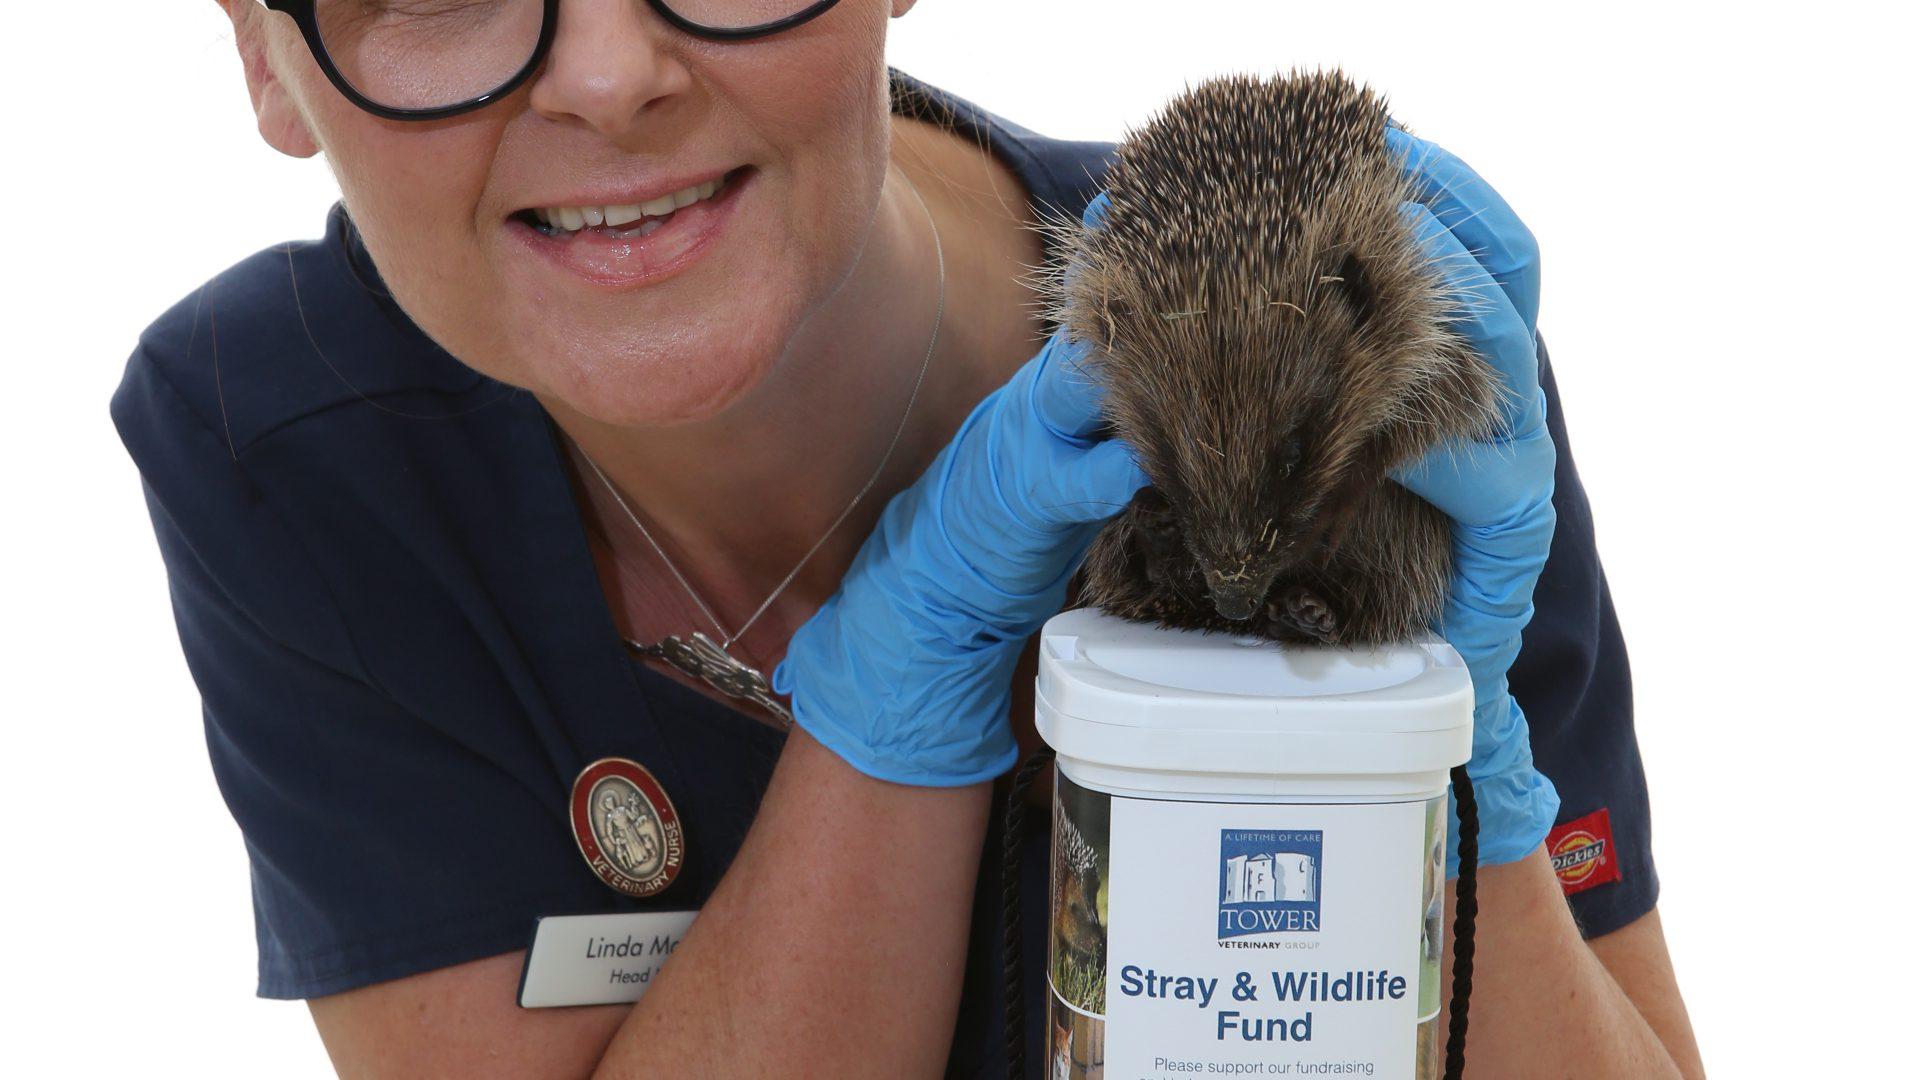 'Hedge' fund will help York's stricken pets and wildlife